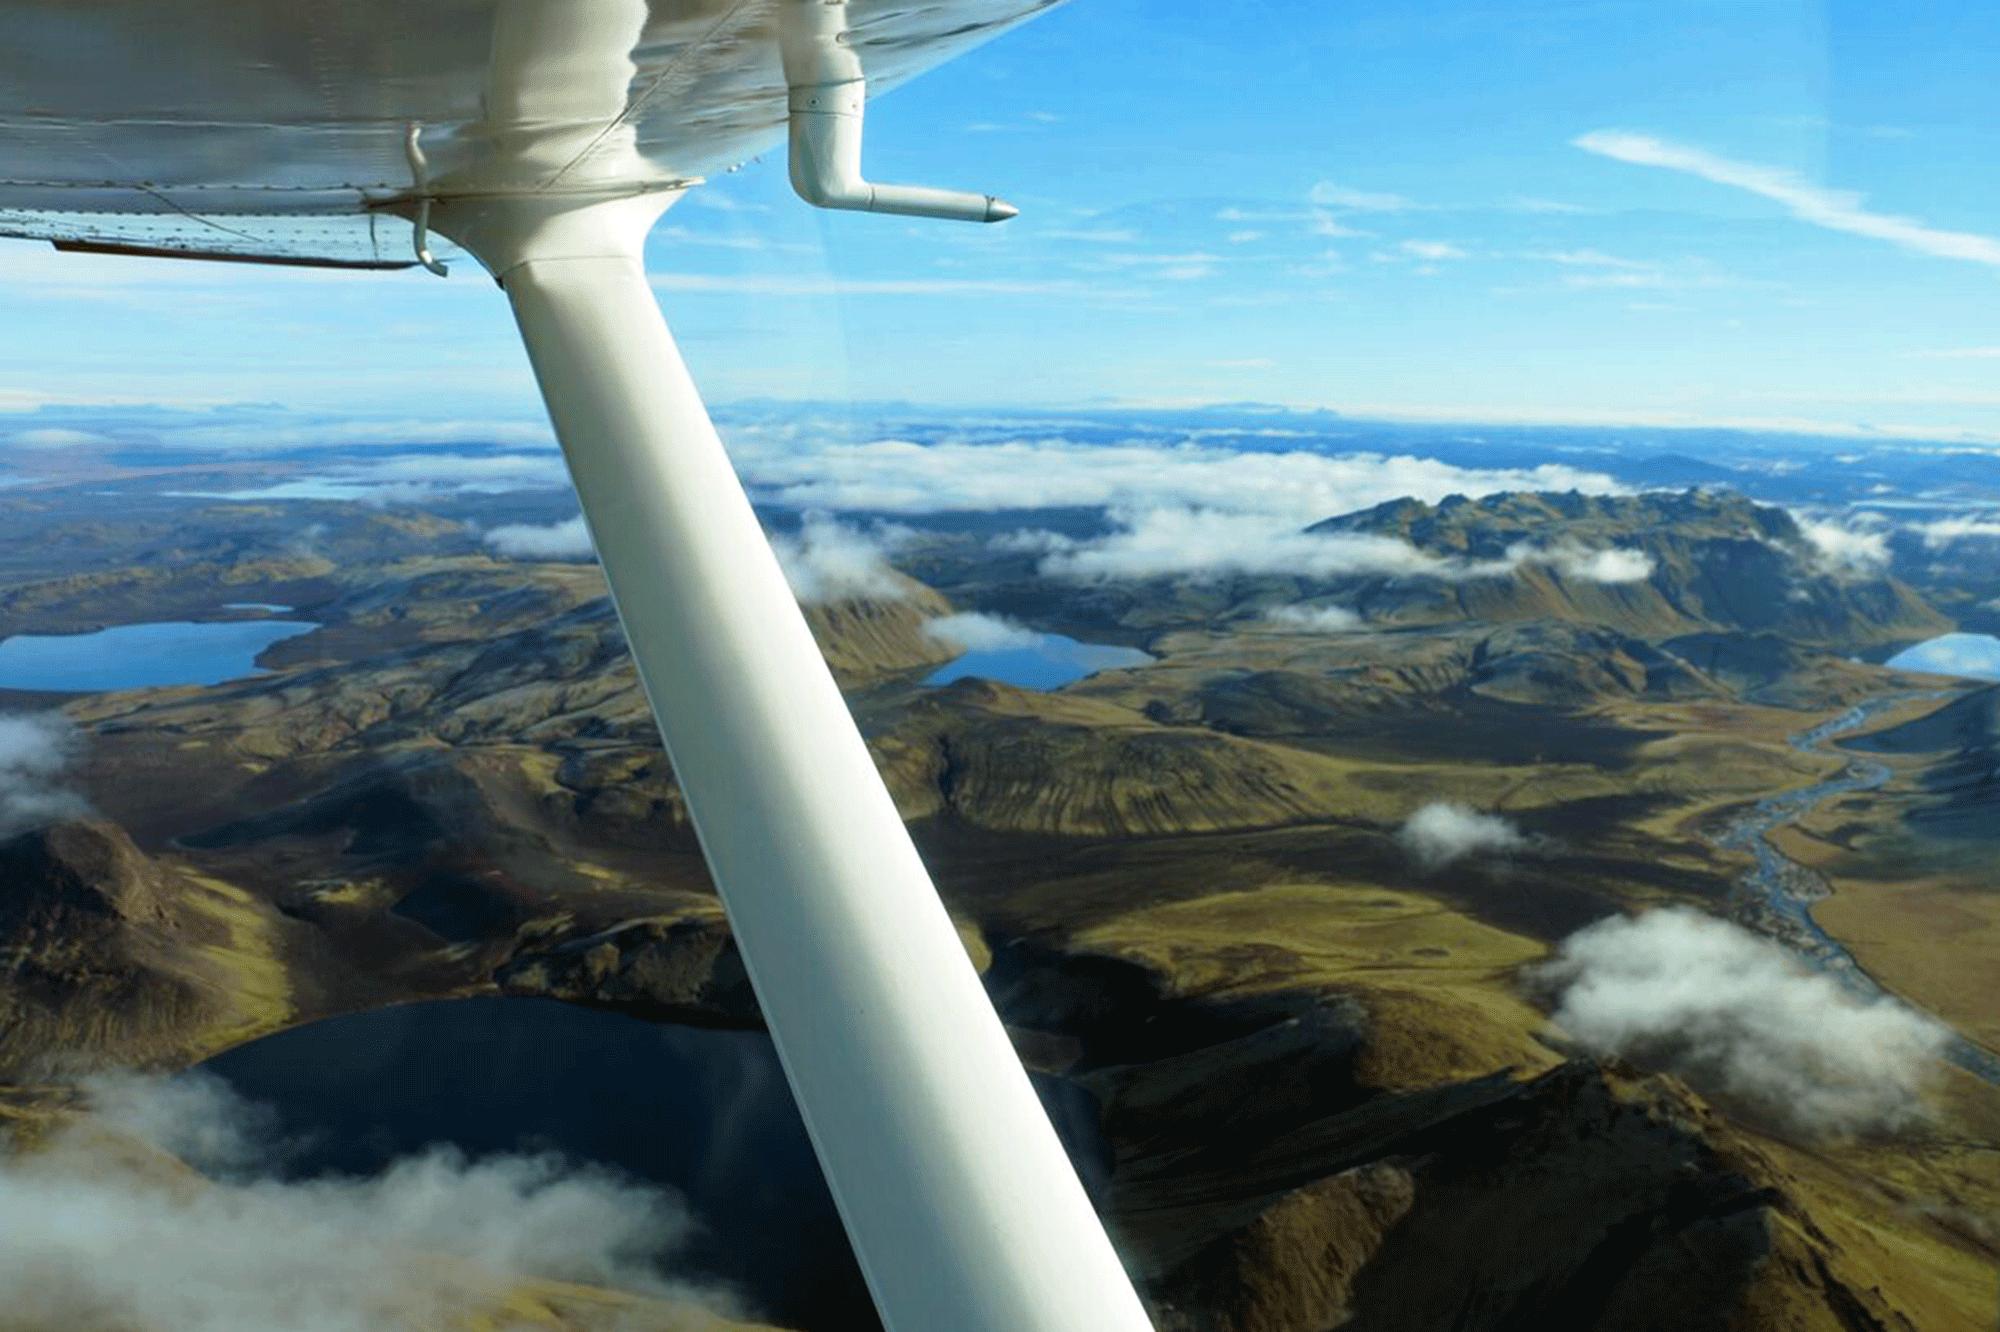 坐飞机从上空俯瞰冰岛中央高地彩色火山Landmannalaugar才是观景最极致的方法